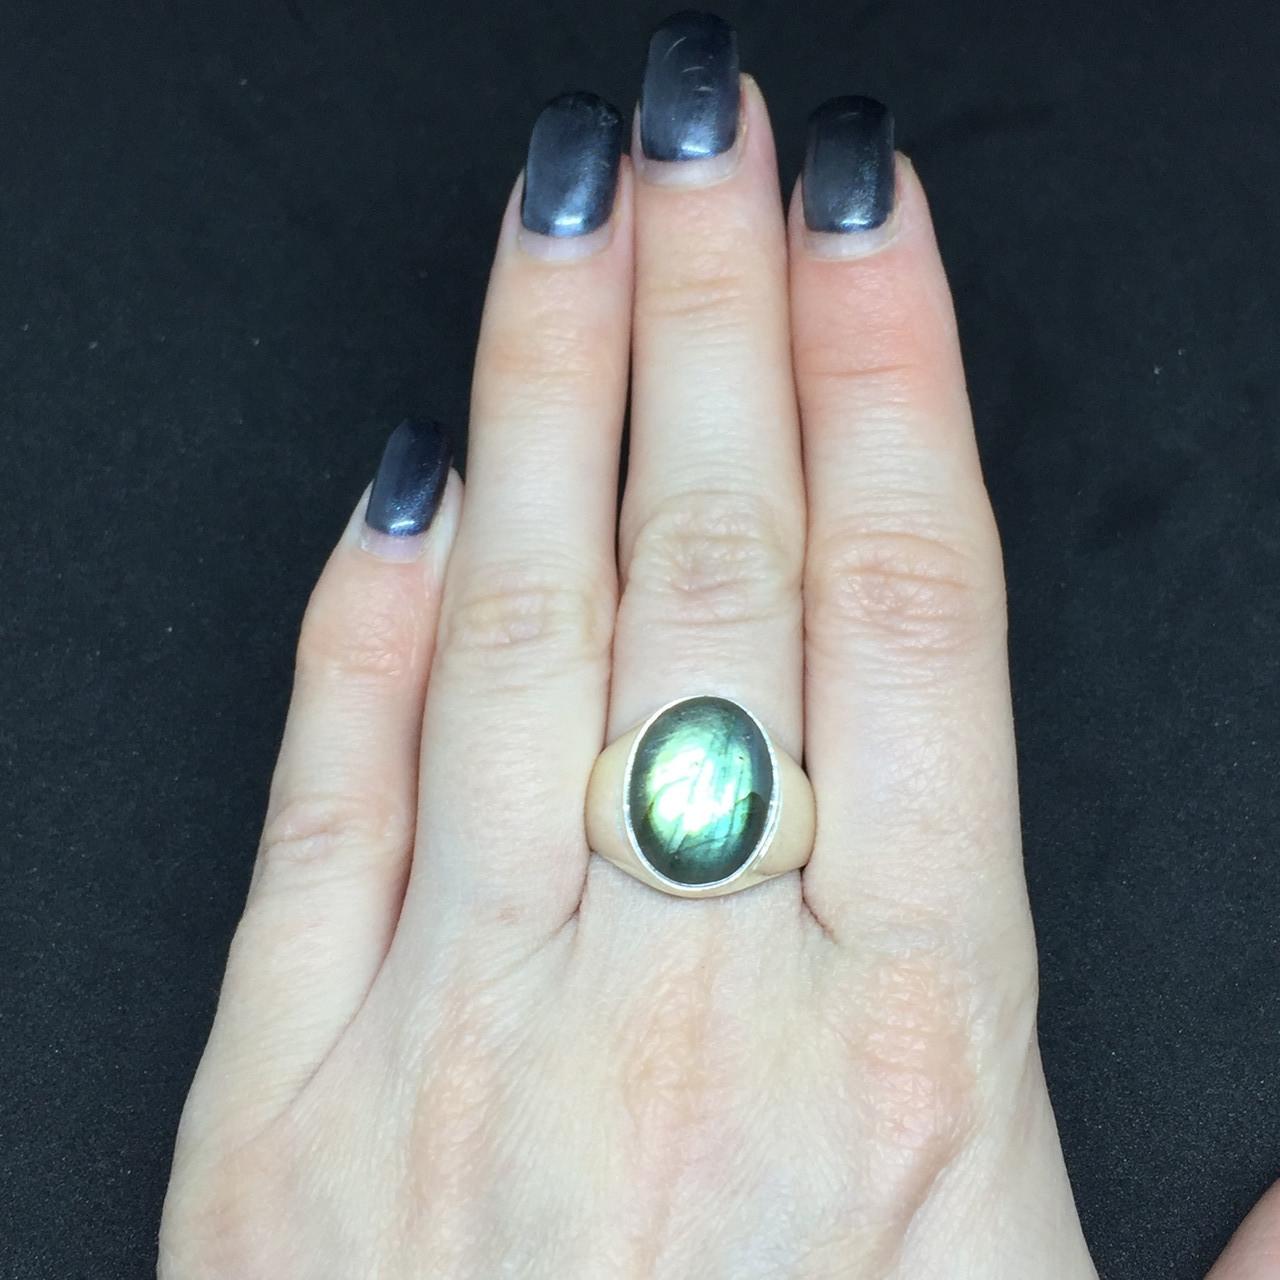 Великолепное овальное кольцо с камнем лабрадор в серебре размер 18,3. Кольцо с лабрадором. Индия!